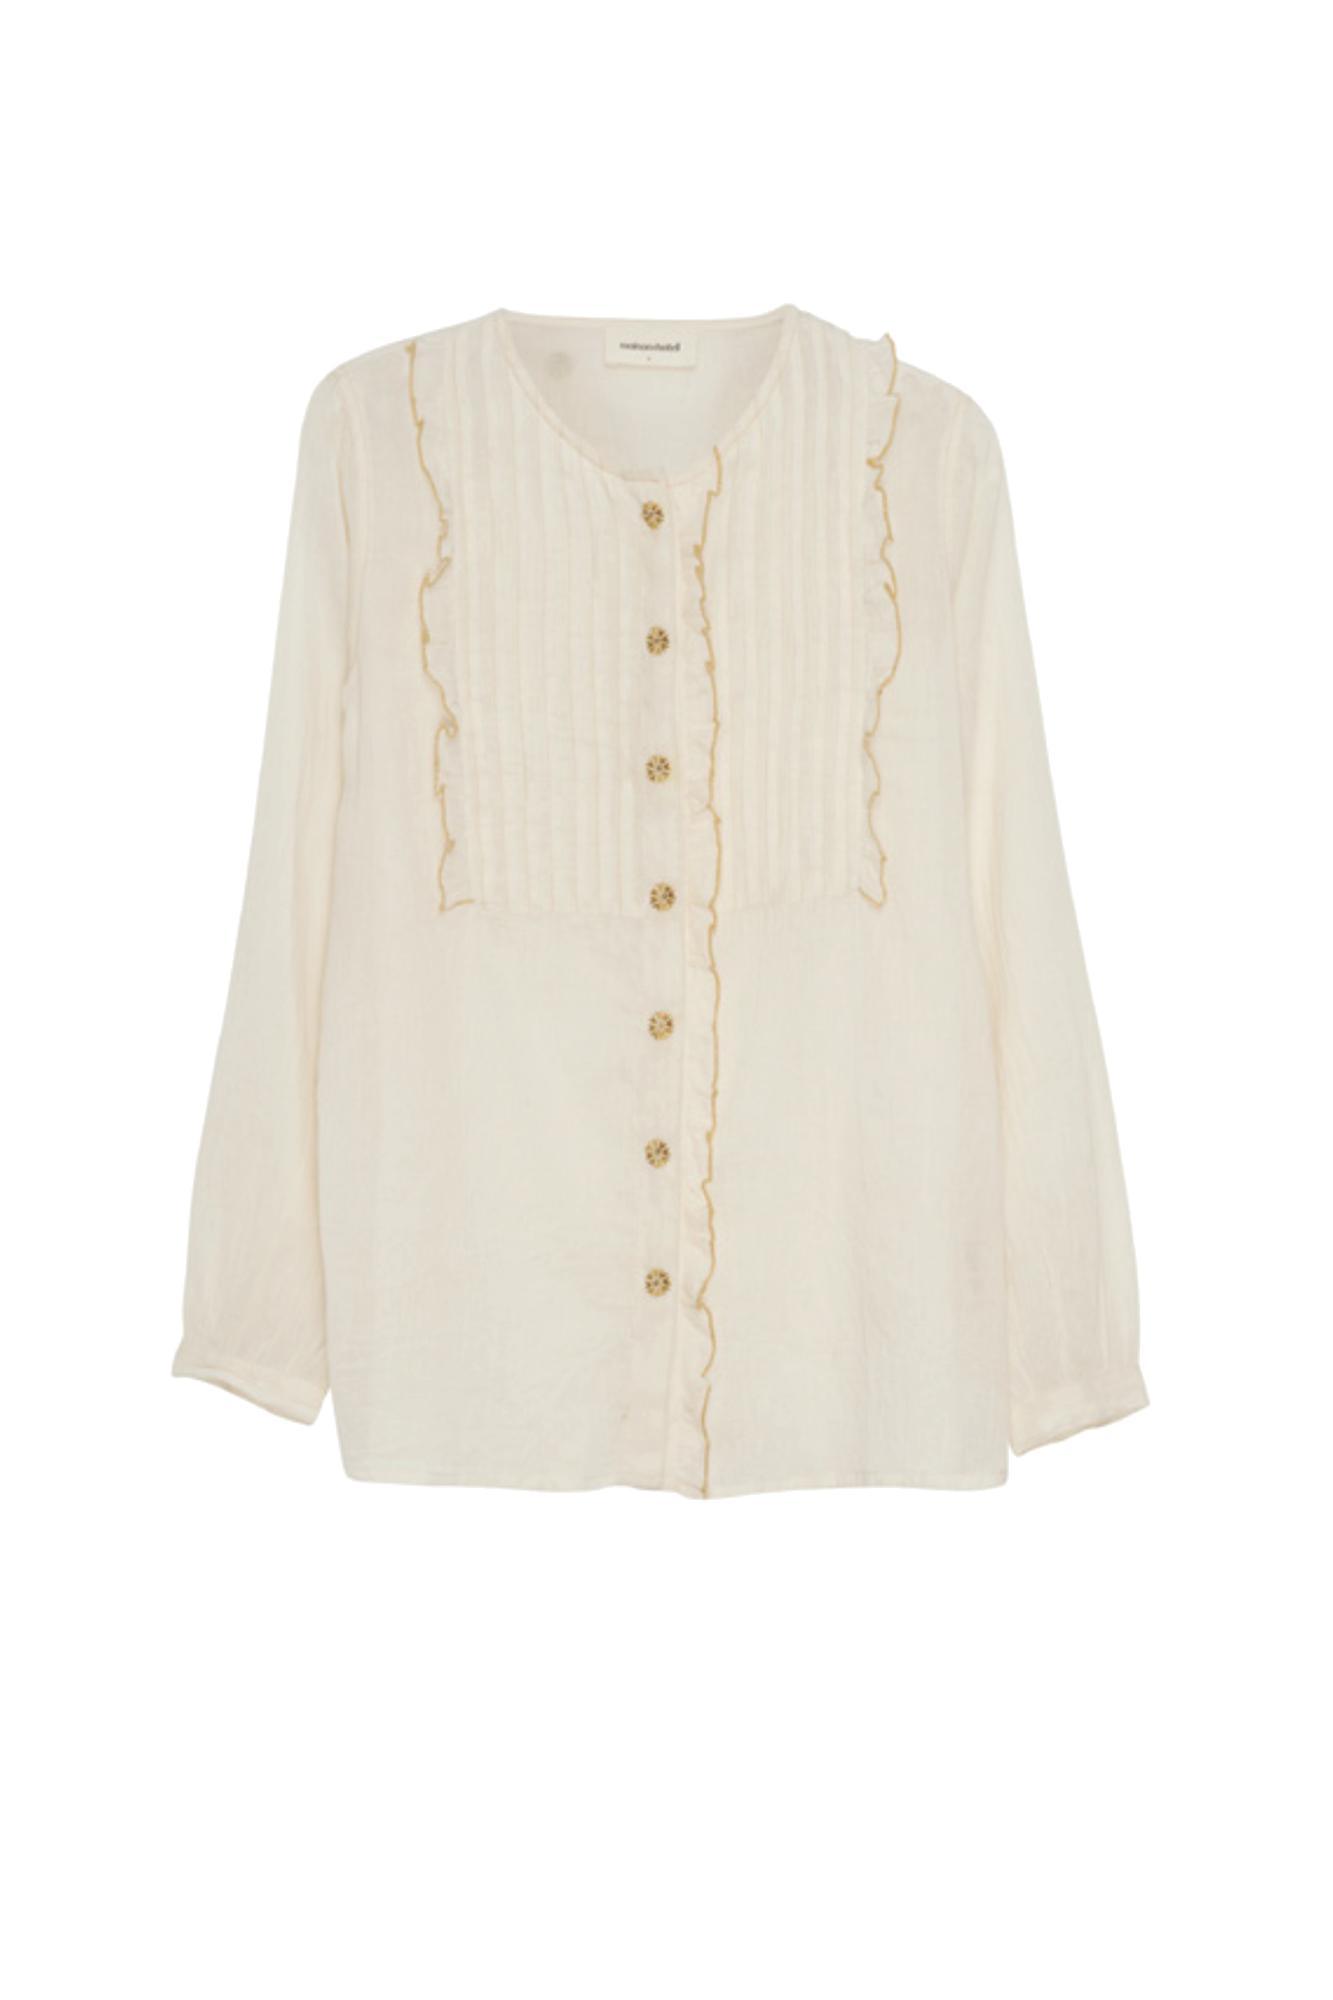 Sandrine blouse